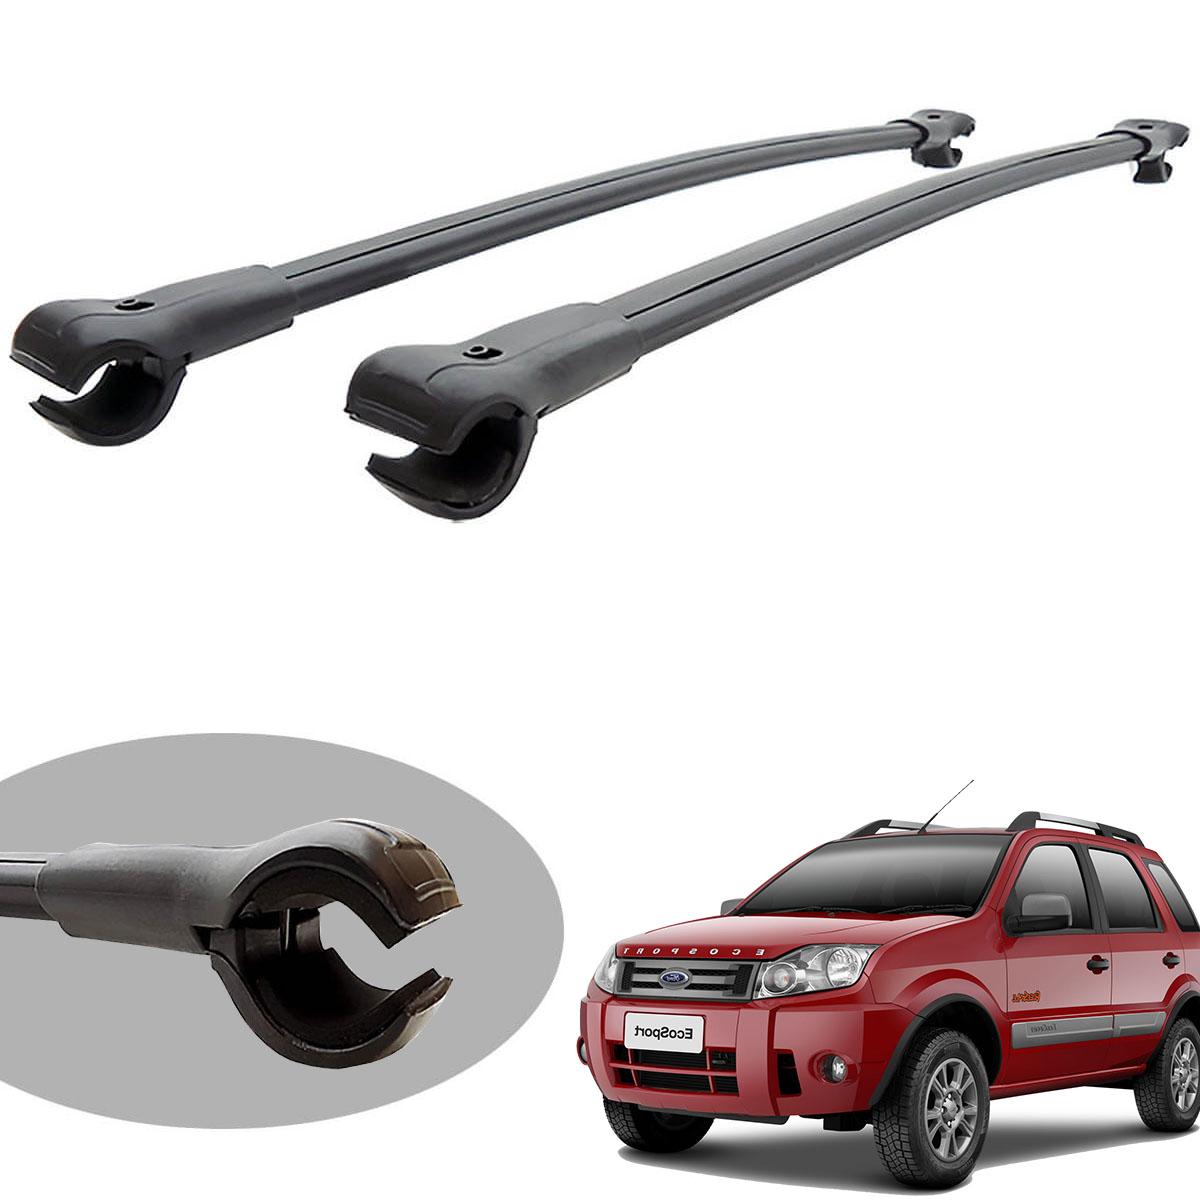 Travessa rack de teto larga preta alumínio Ecosport 2010 2011 2012